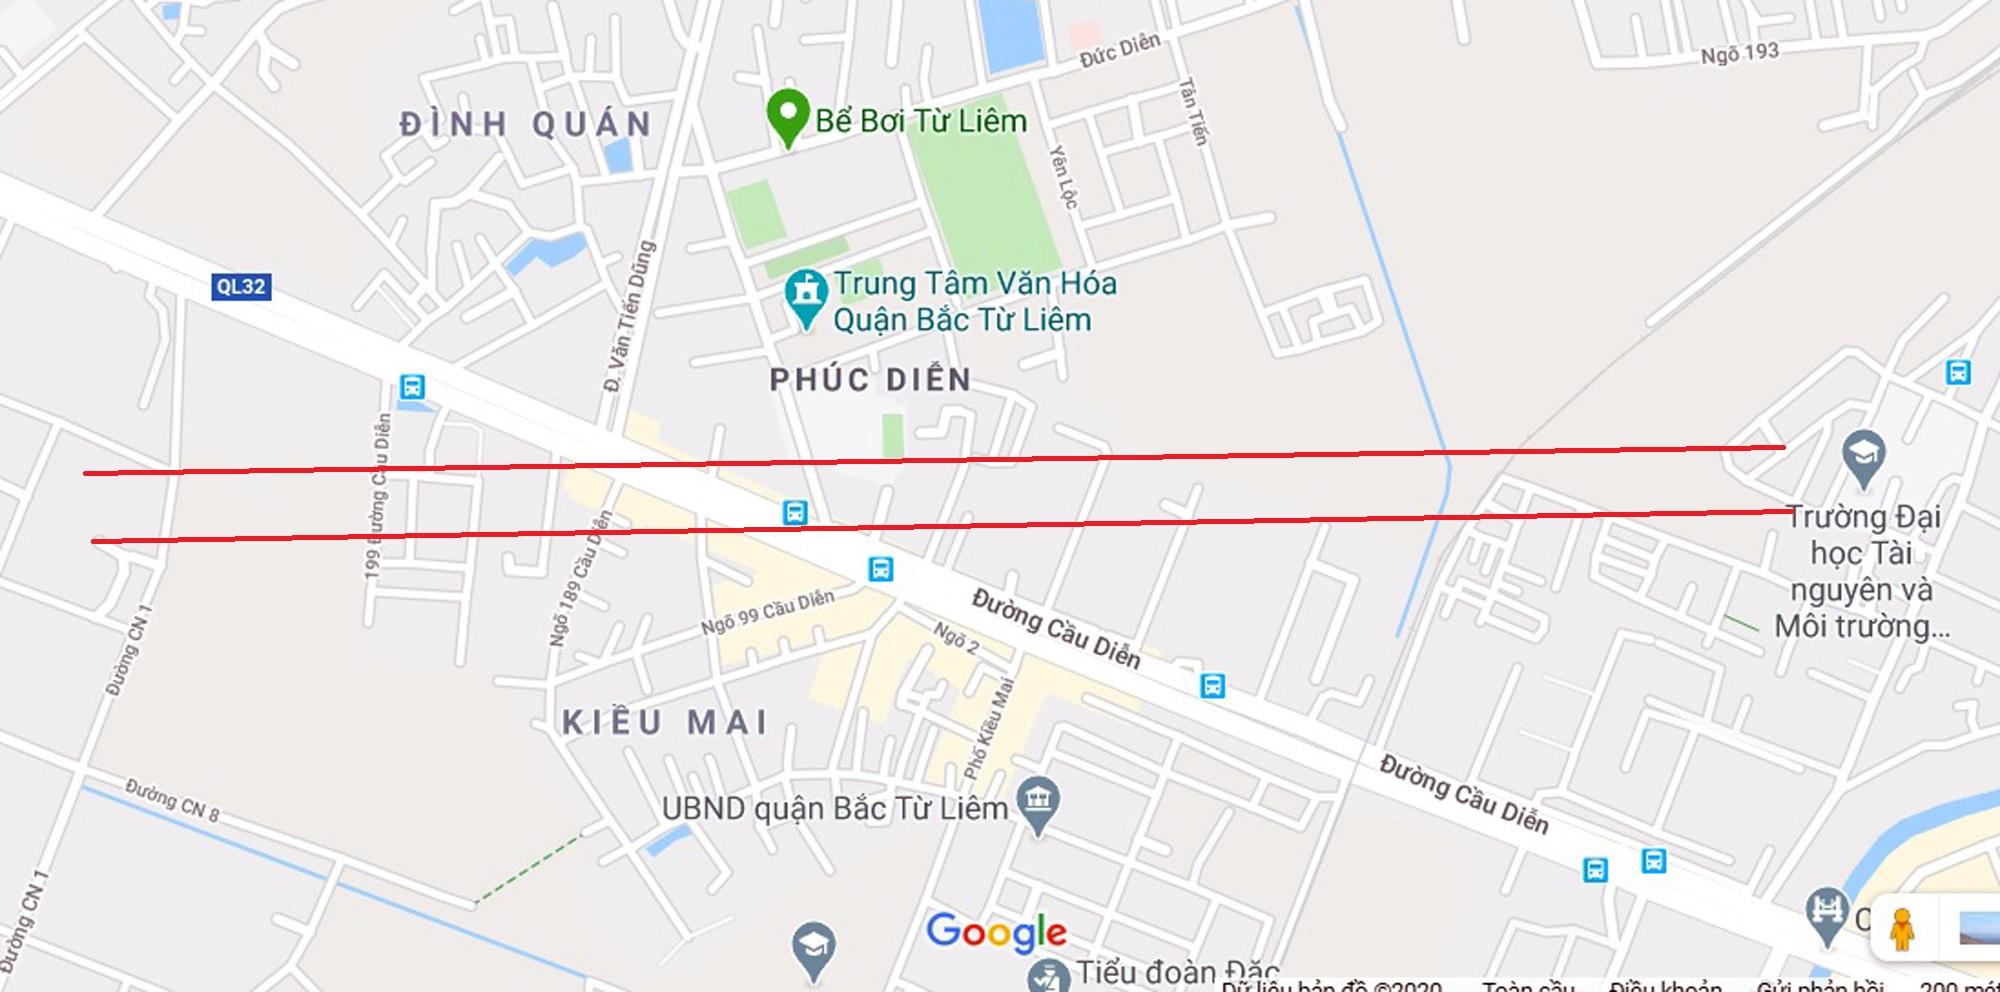 4 đường sẽ mở theo qui hoạch ở phường Phúc Diễn, Bắc Từ Liêm - Ảnh 2.